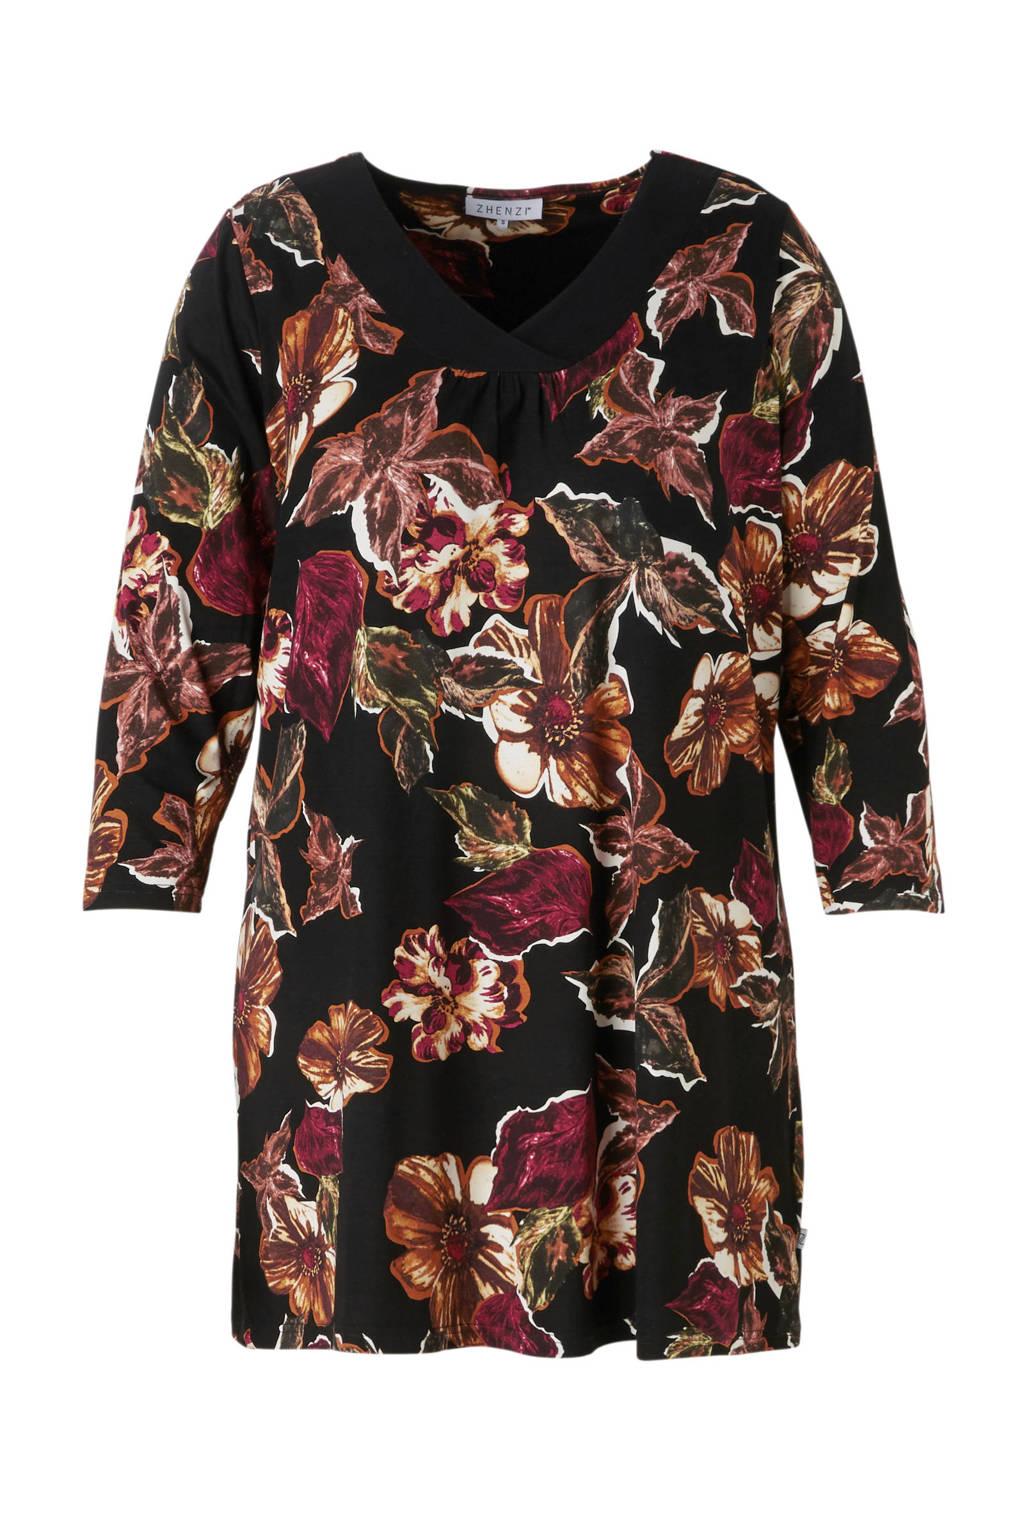 Zhenzi tuniek met bloemenprint, Zwart/bruin/rood